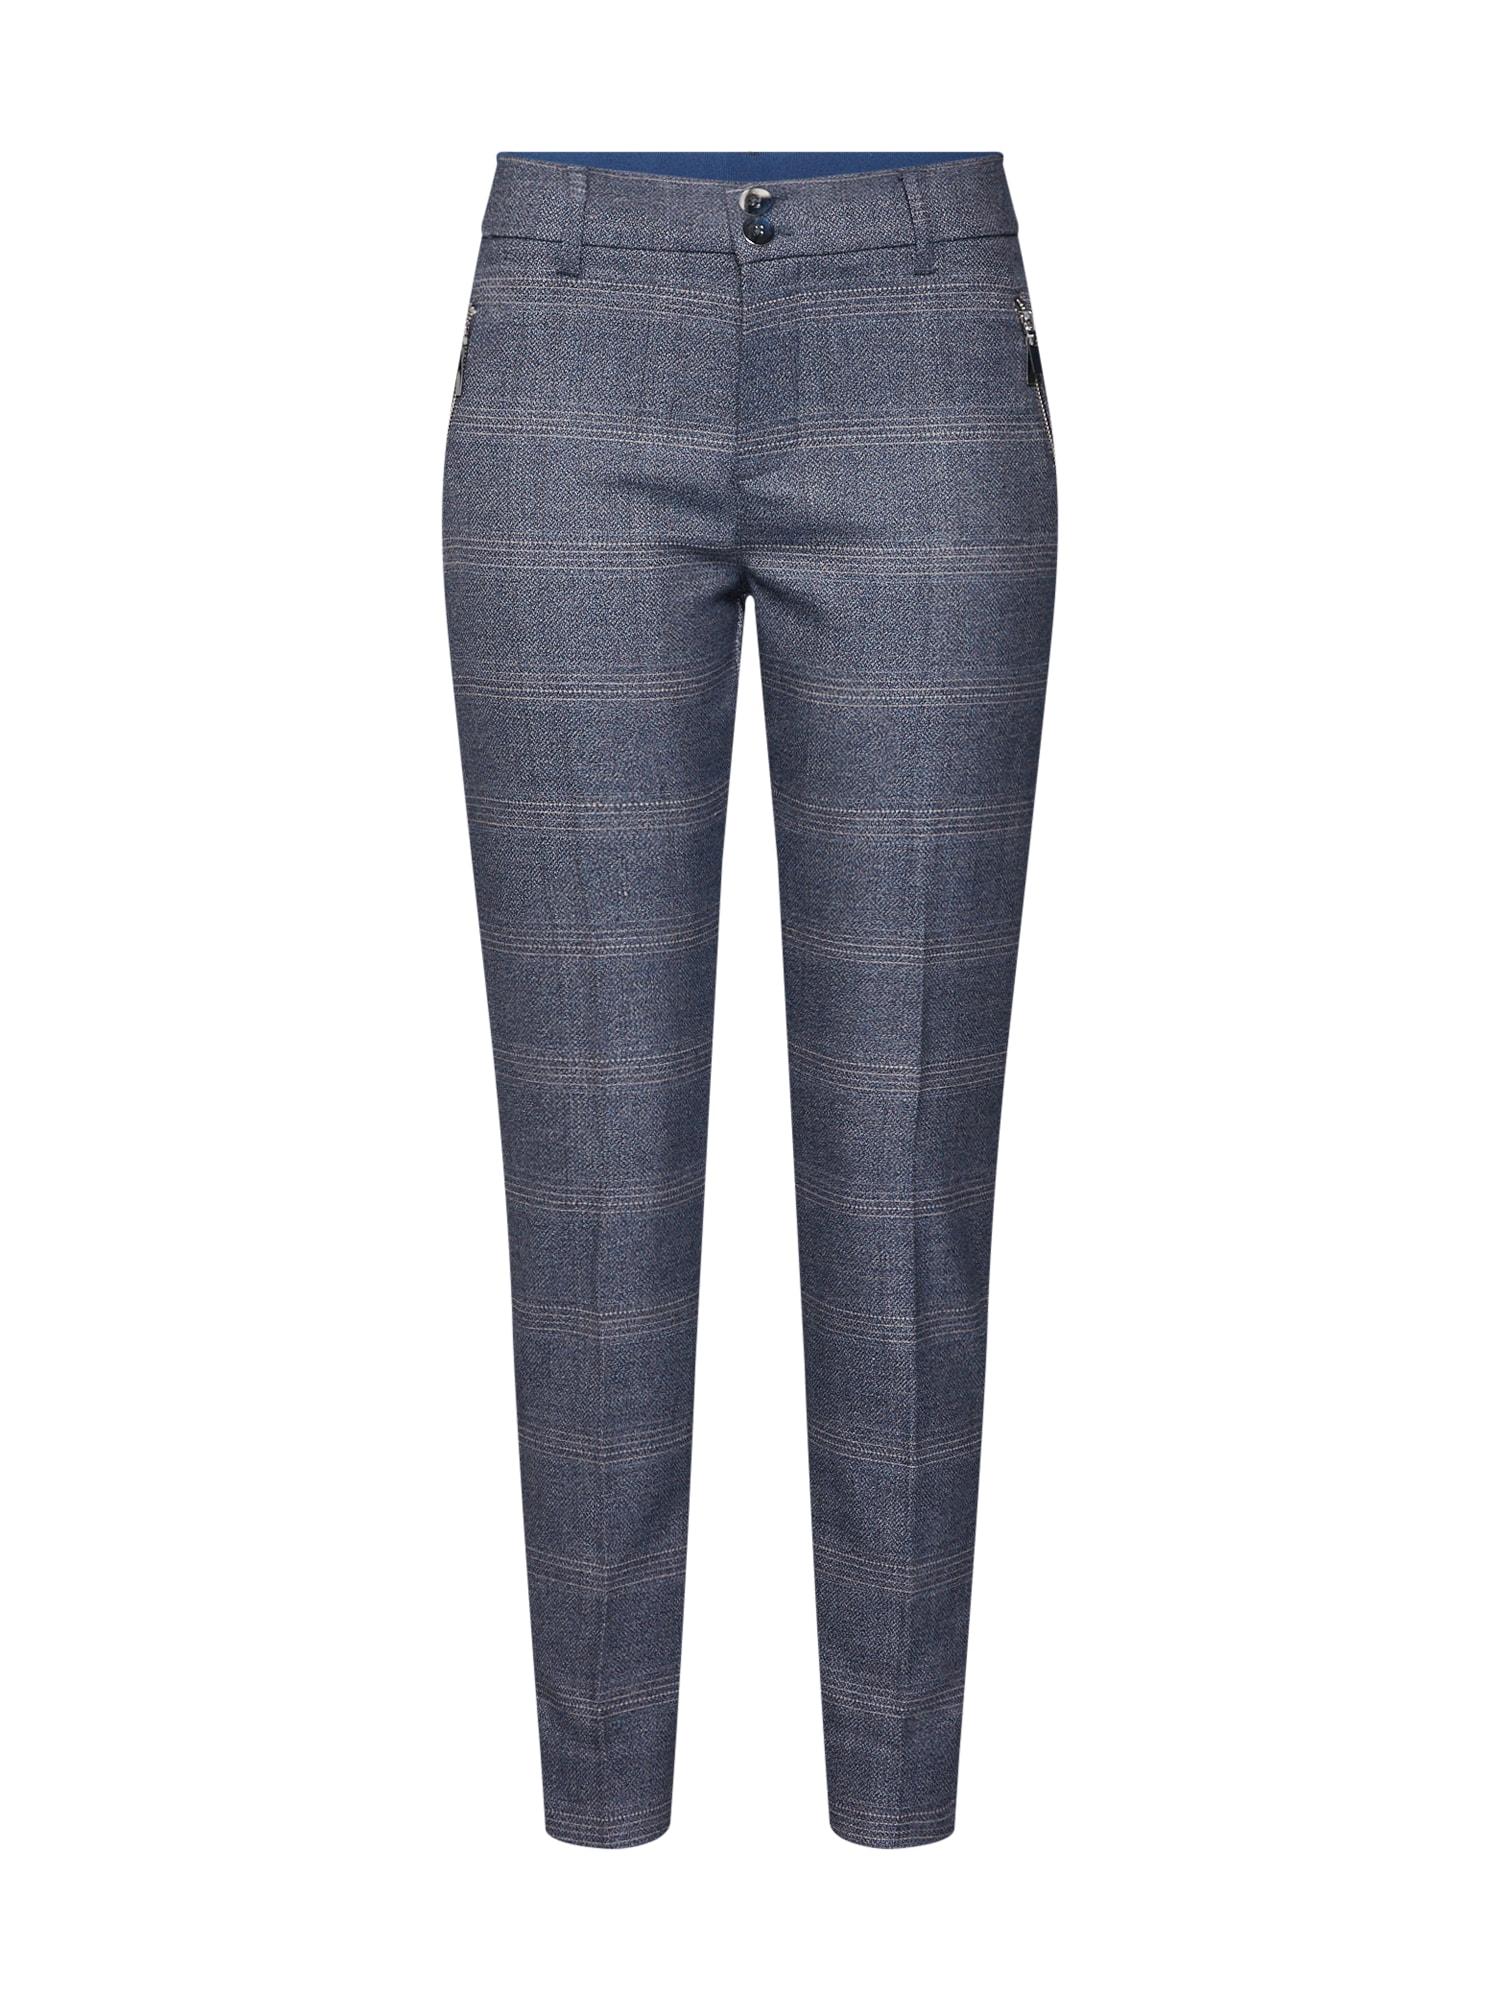 Kalhoty Levon Alisoin krémová indigo MOS MOSH